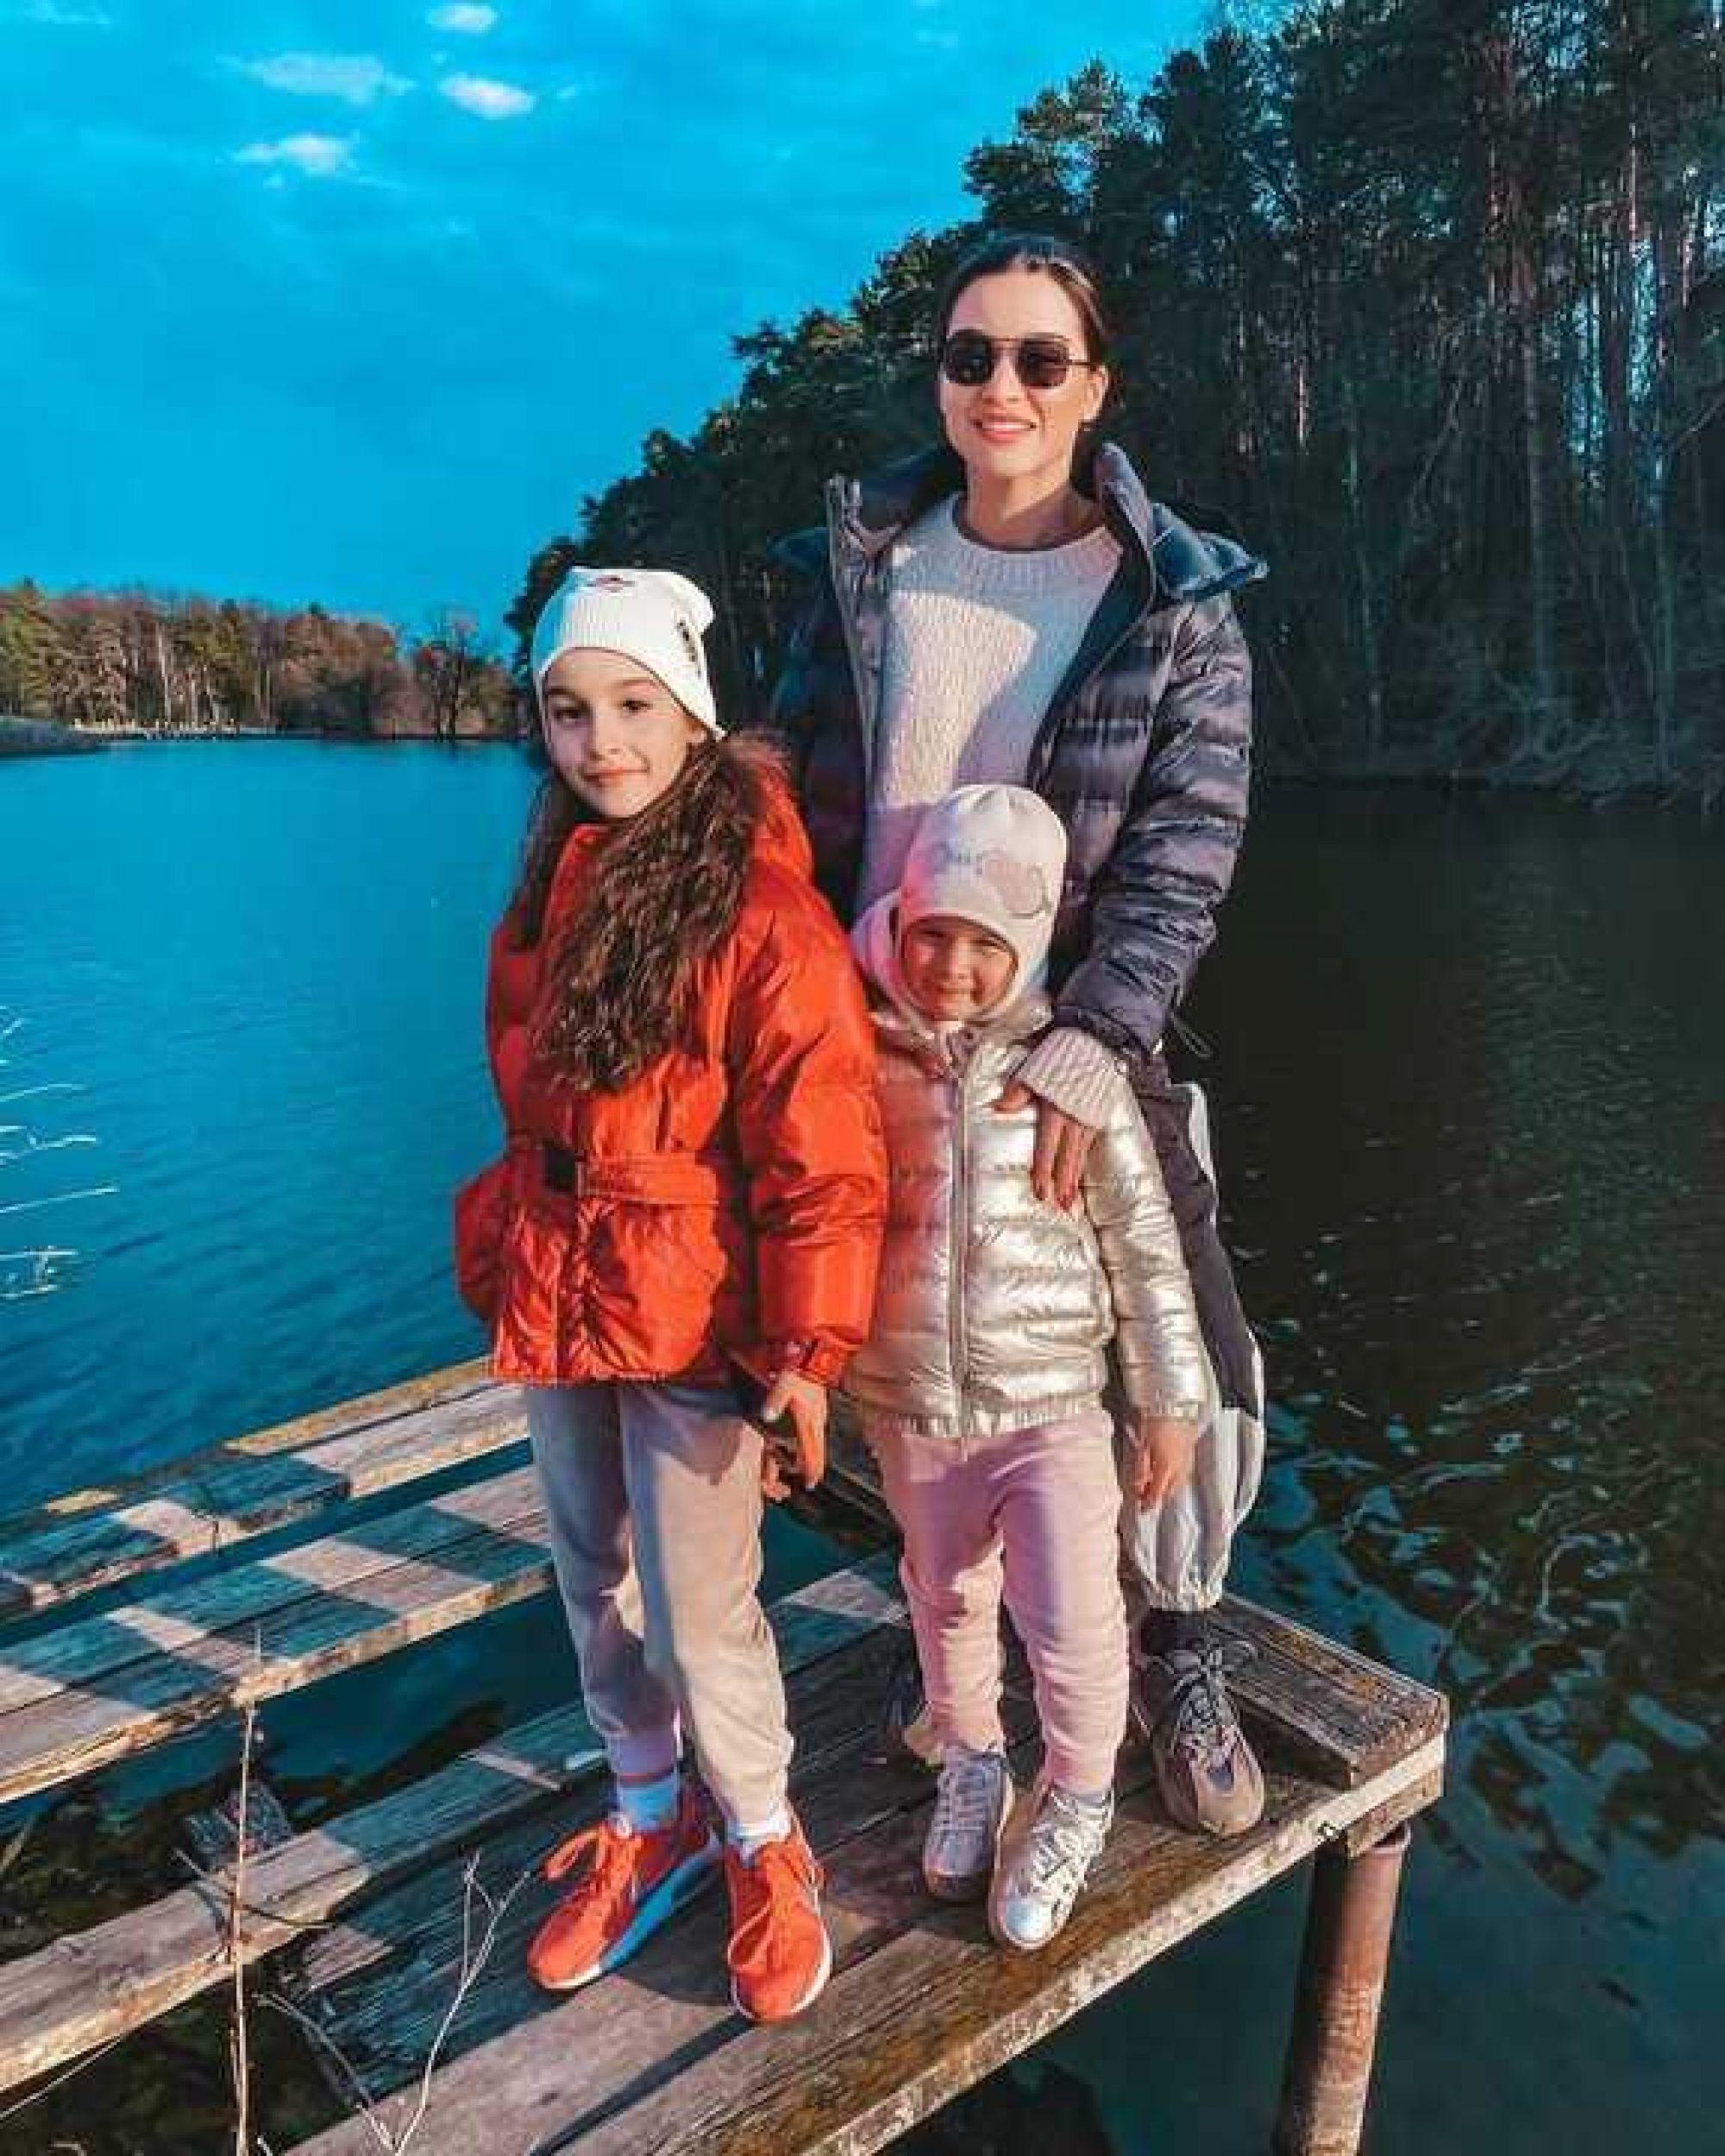 Ксения Бородина встретила на прогулке с дочерьми тигра